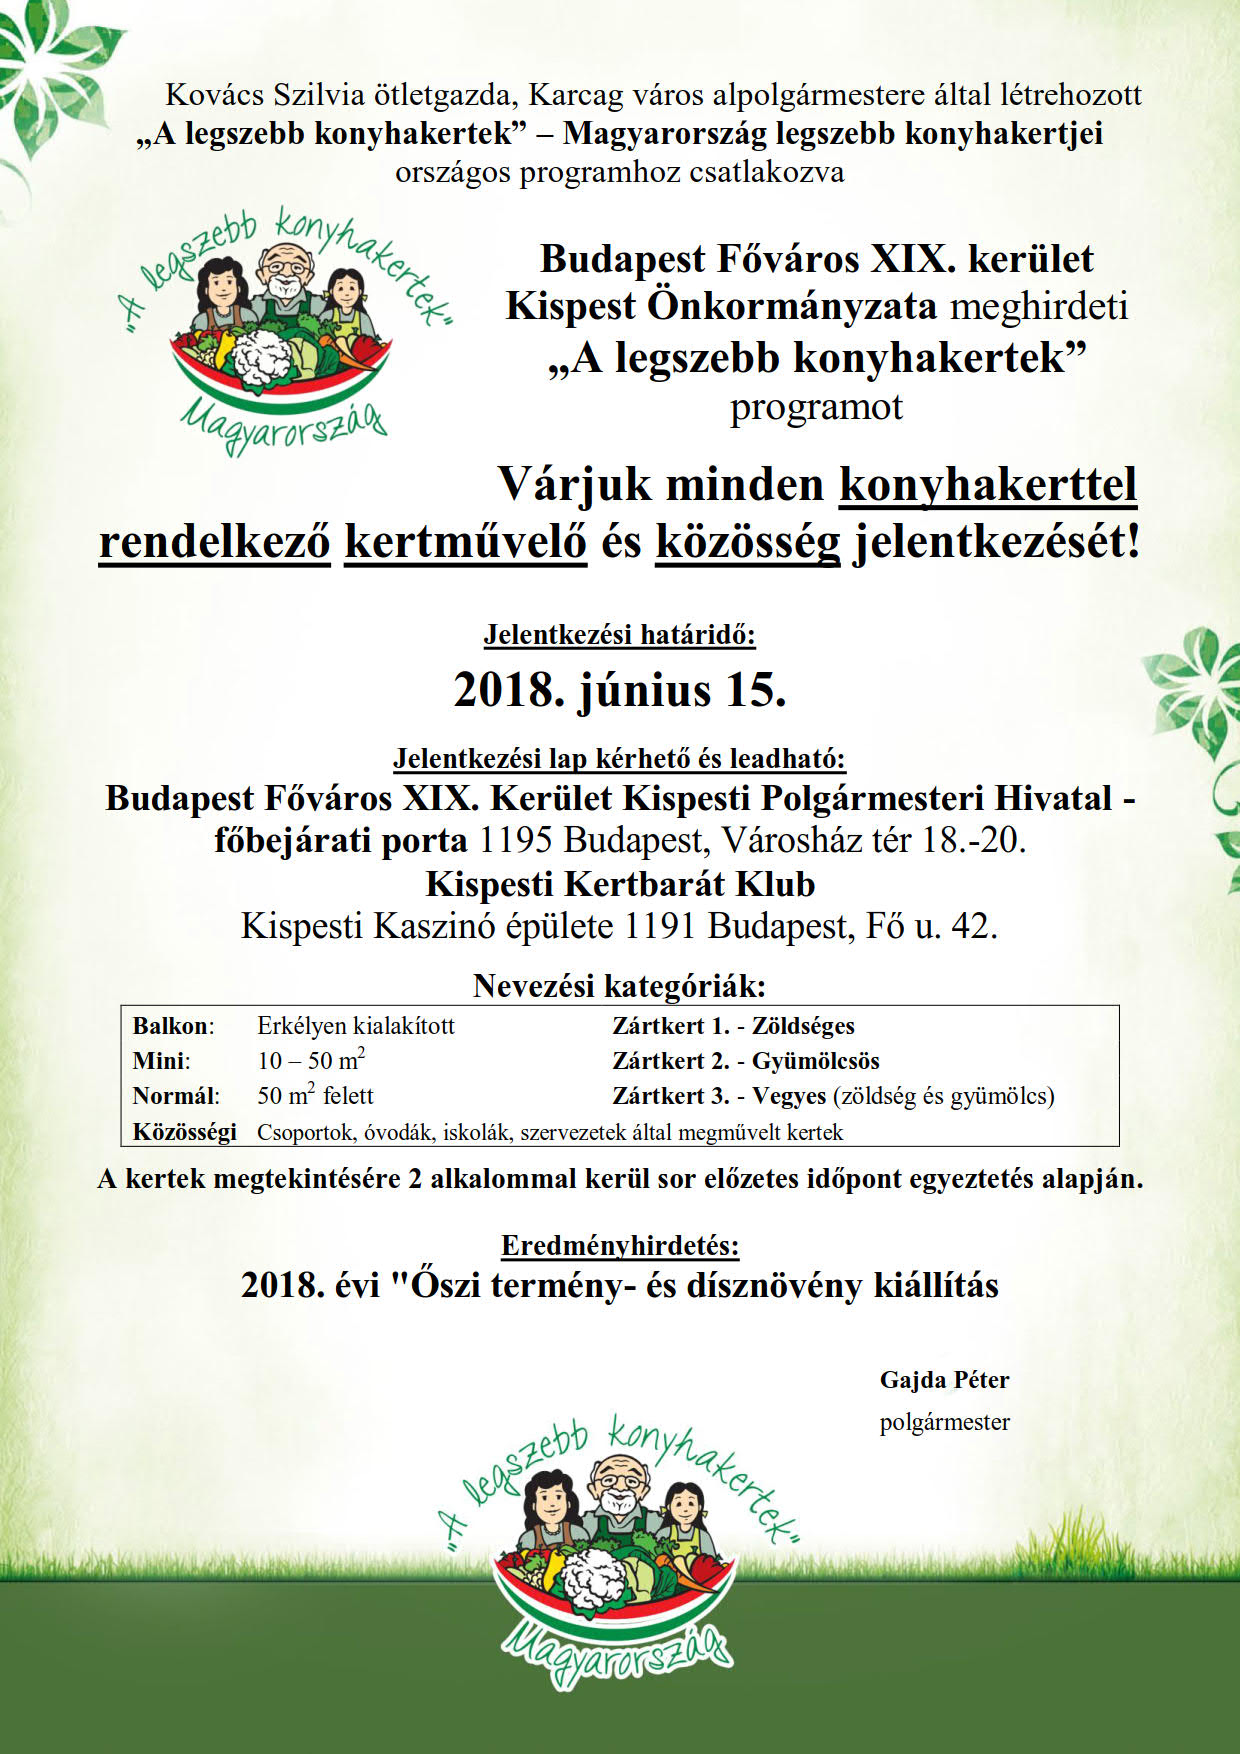 legszebb-konyhakert01-2018